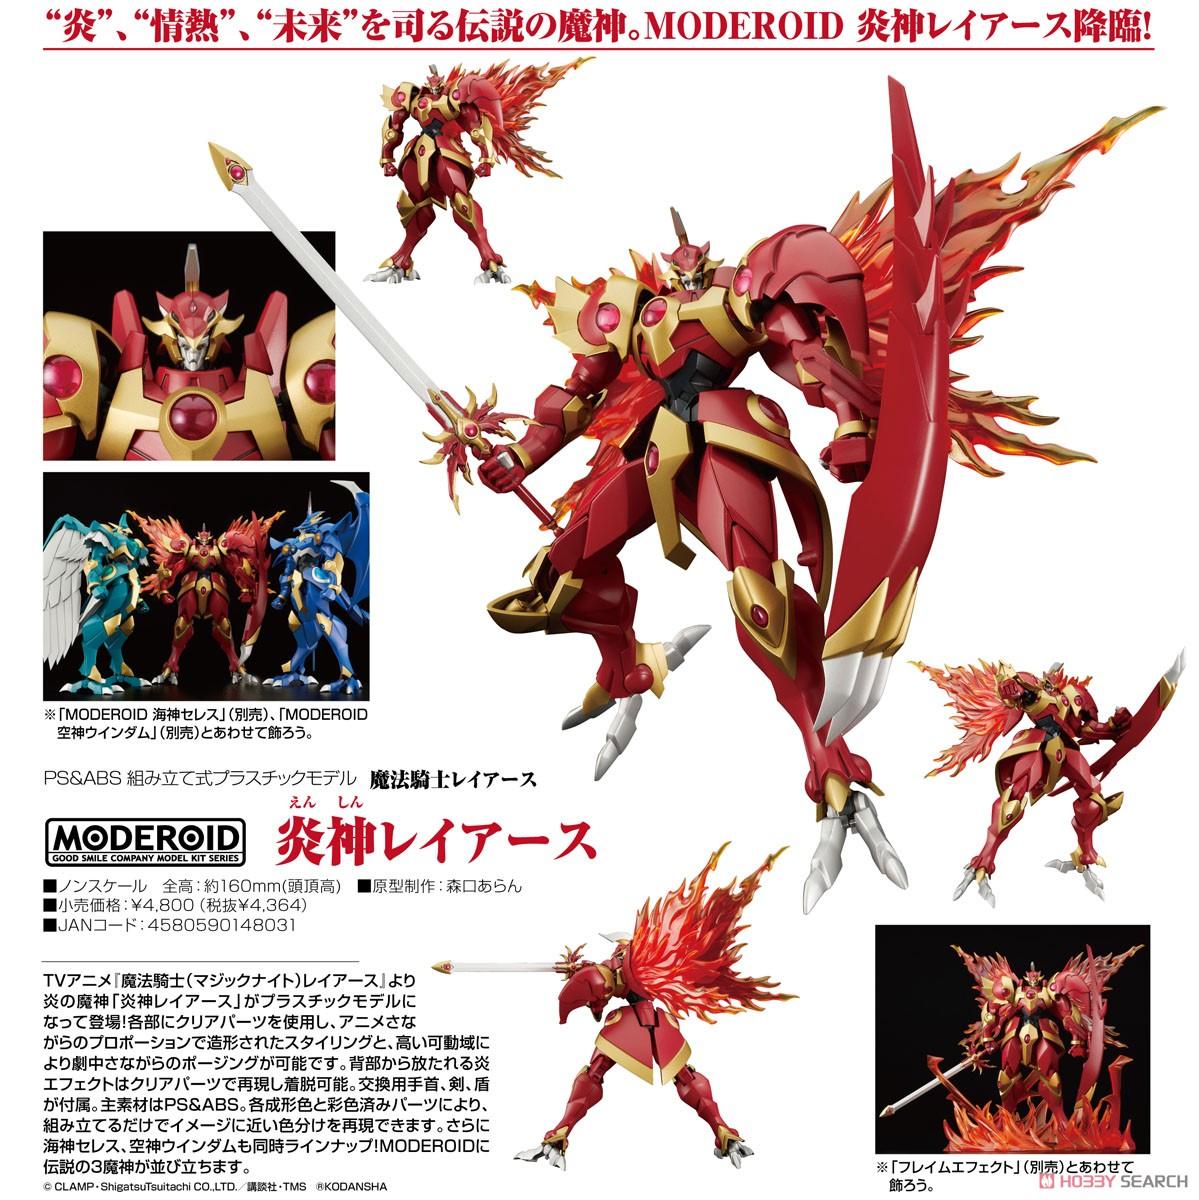 MODEROID『炎神レイアース』魔法騎士レイアース プラモデル-011